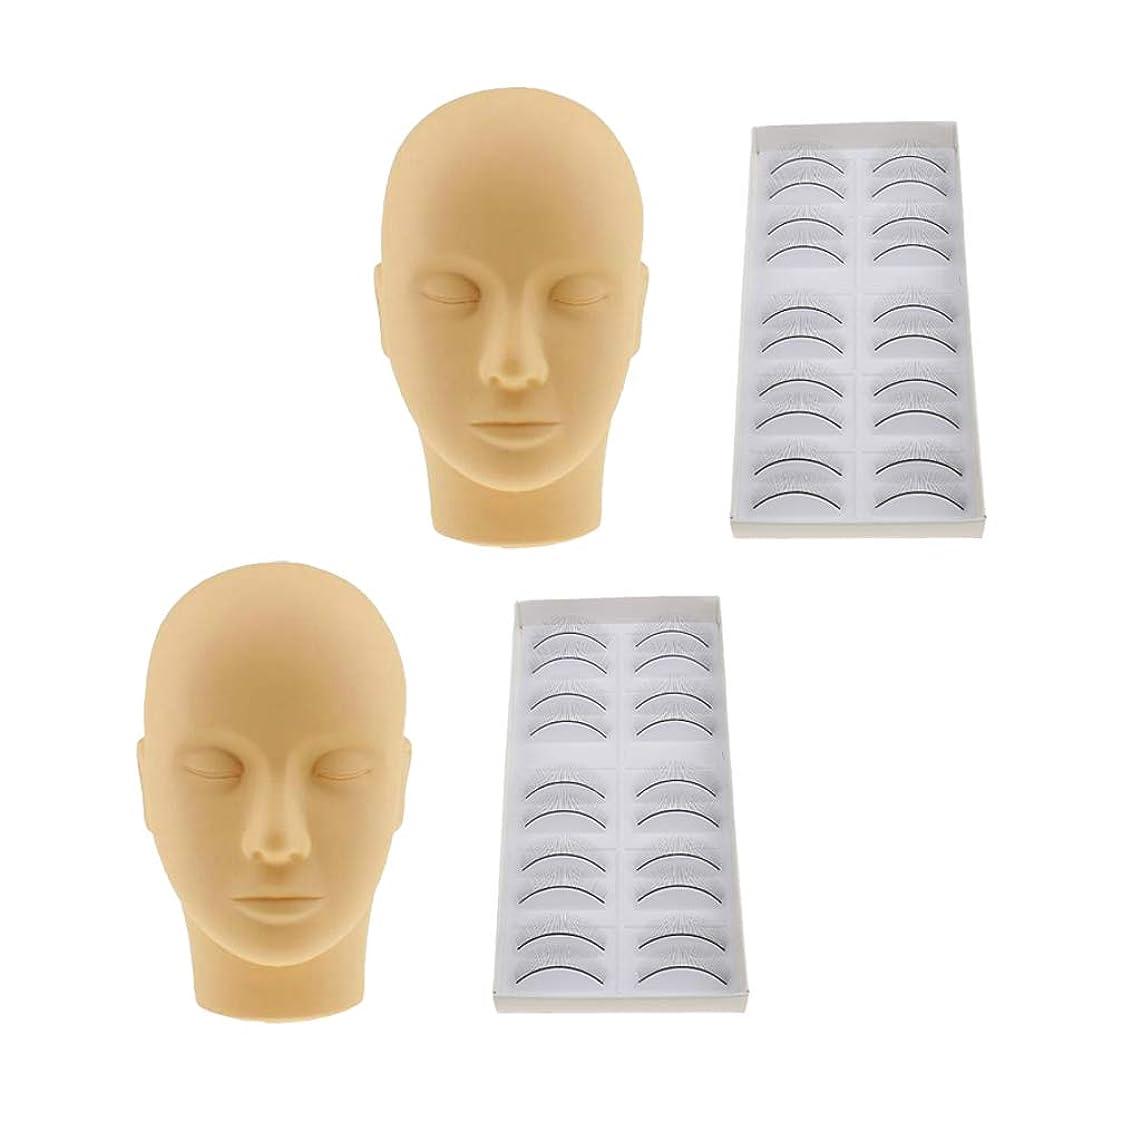 マスク上に築きます近傍B Blesiya 美容道具 まつげエクステンション 化粧まつげ 美容まつげ 化粧用具 まつげ人工製品